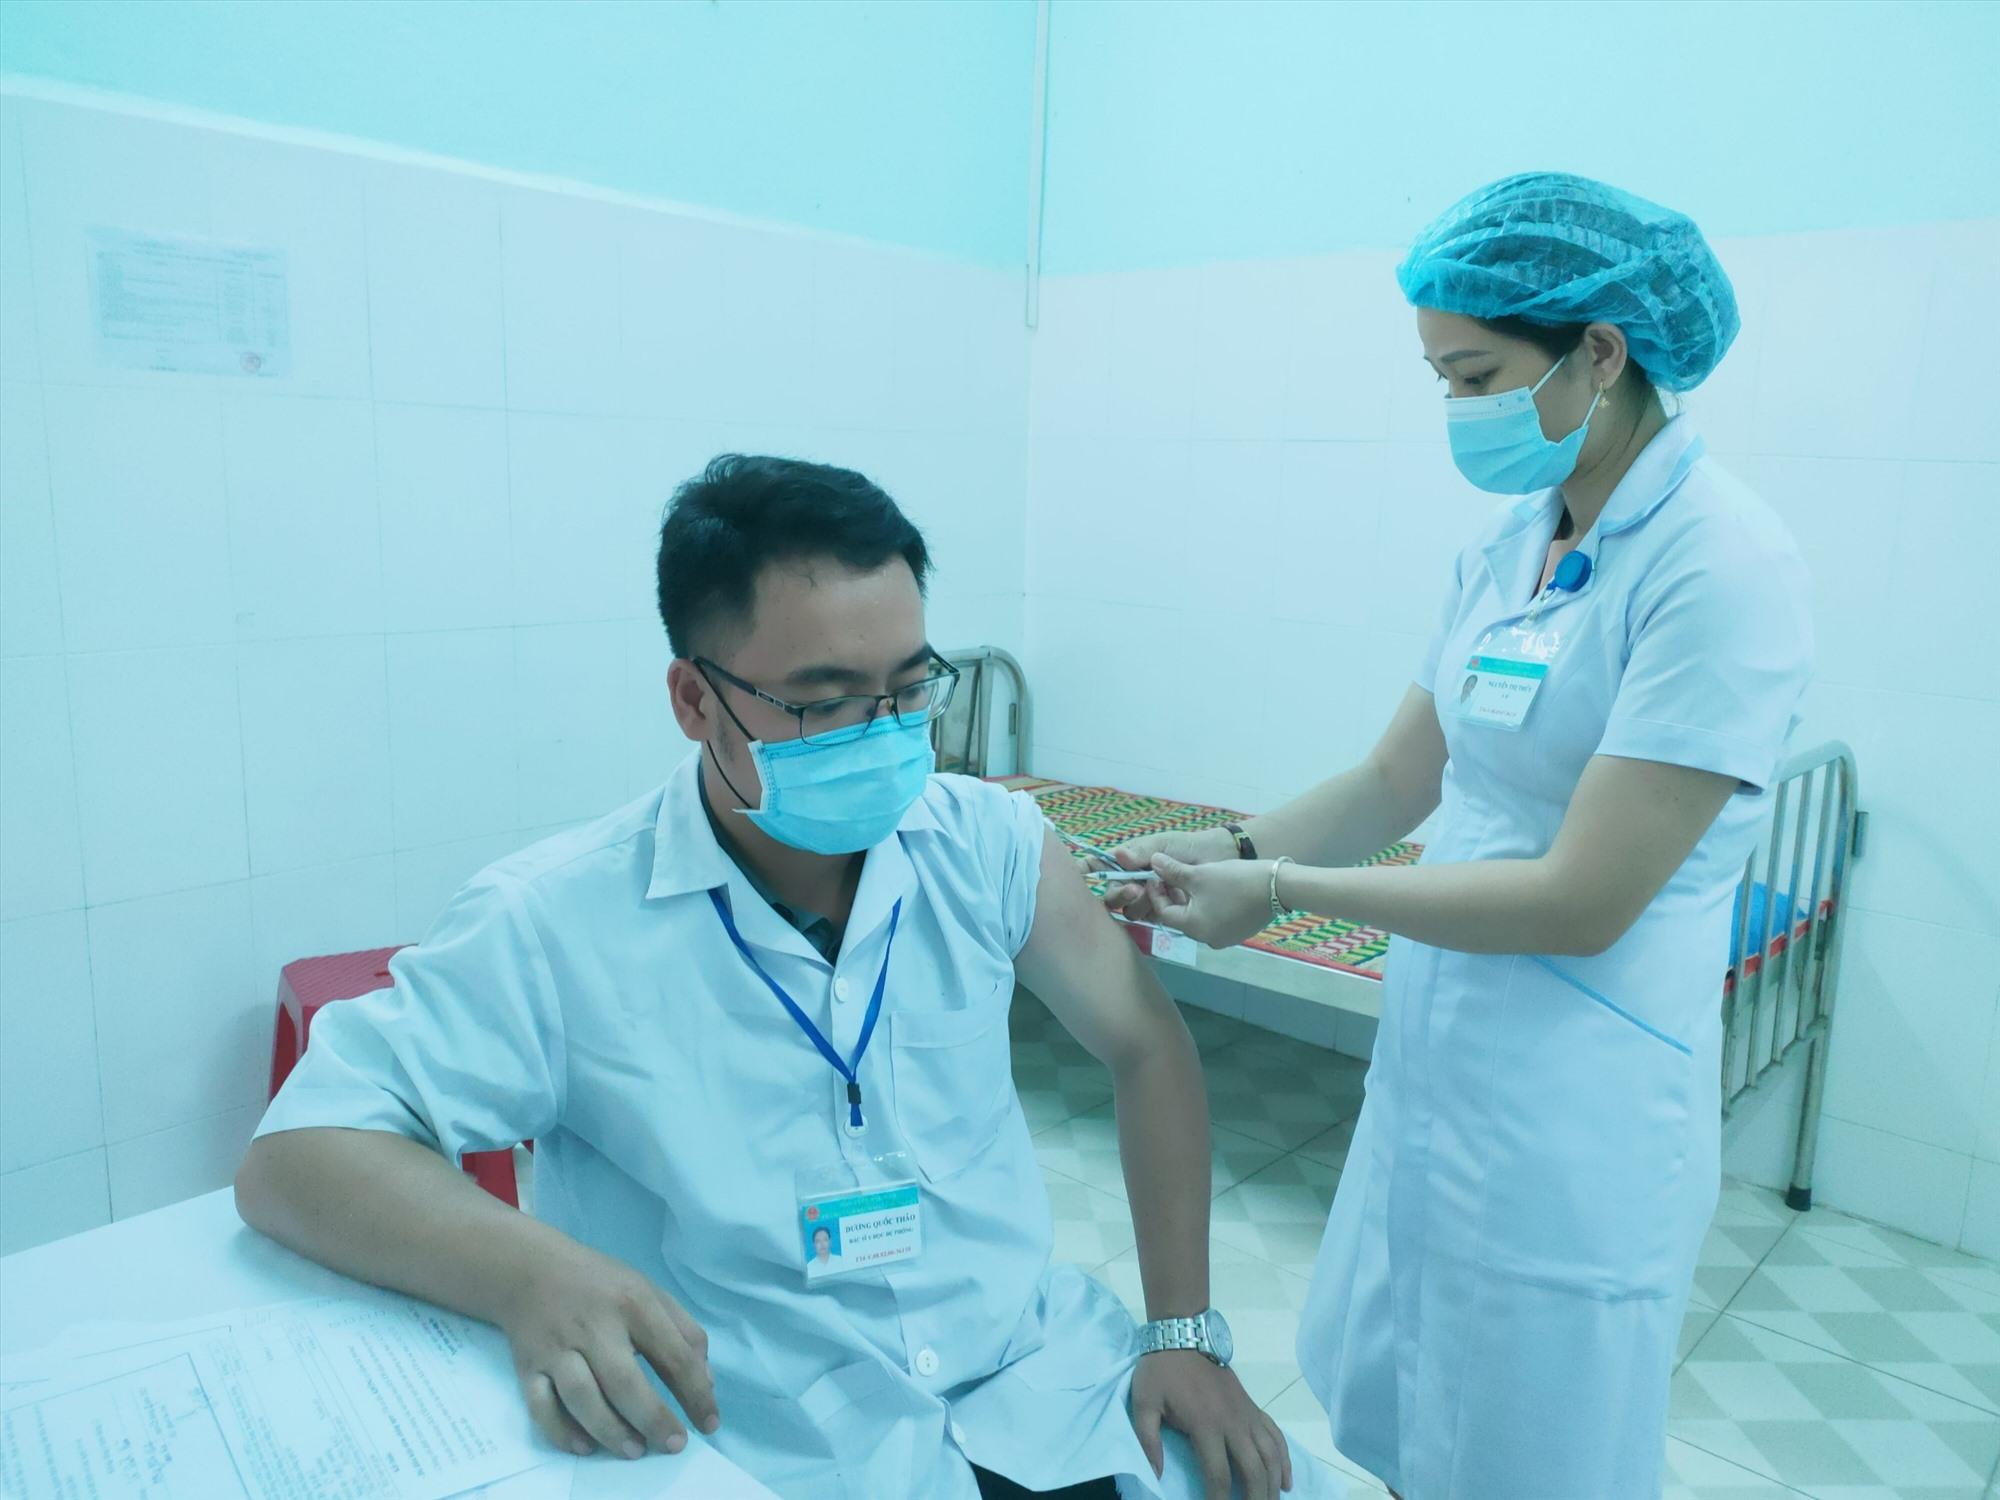 Tiêm vắc xin Covid-19 vẫn là biện pháp phòng ngừa Covid-19 hữu hiệu nhất. Ảnh; L.C